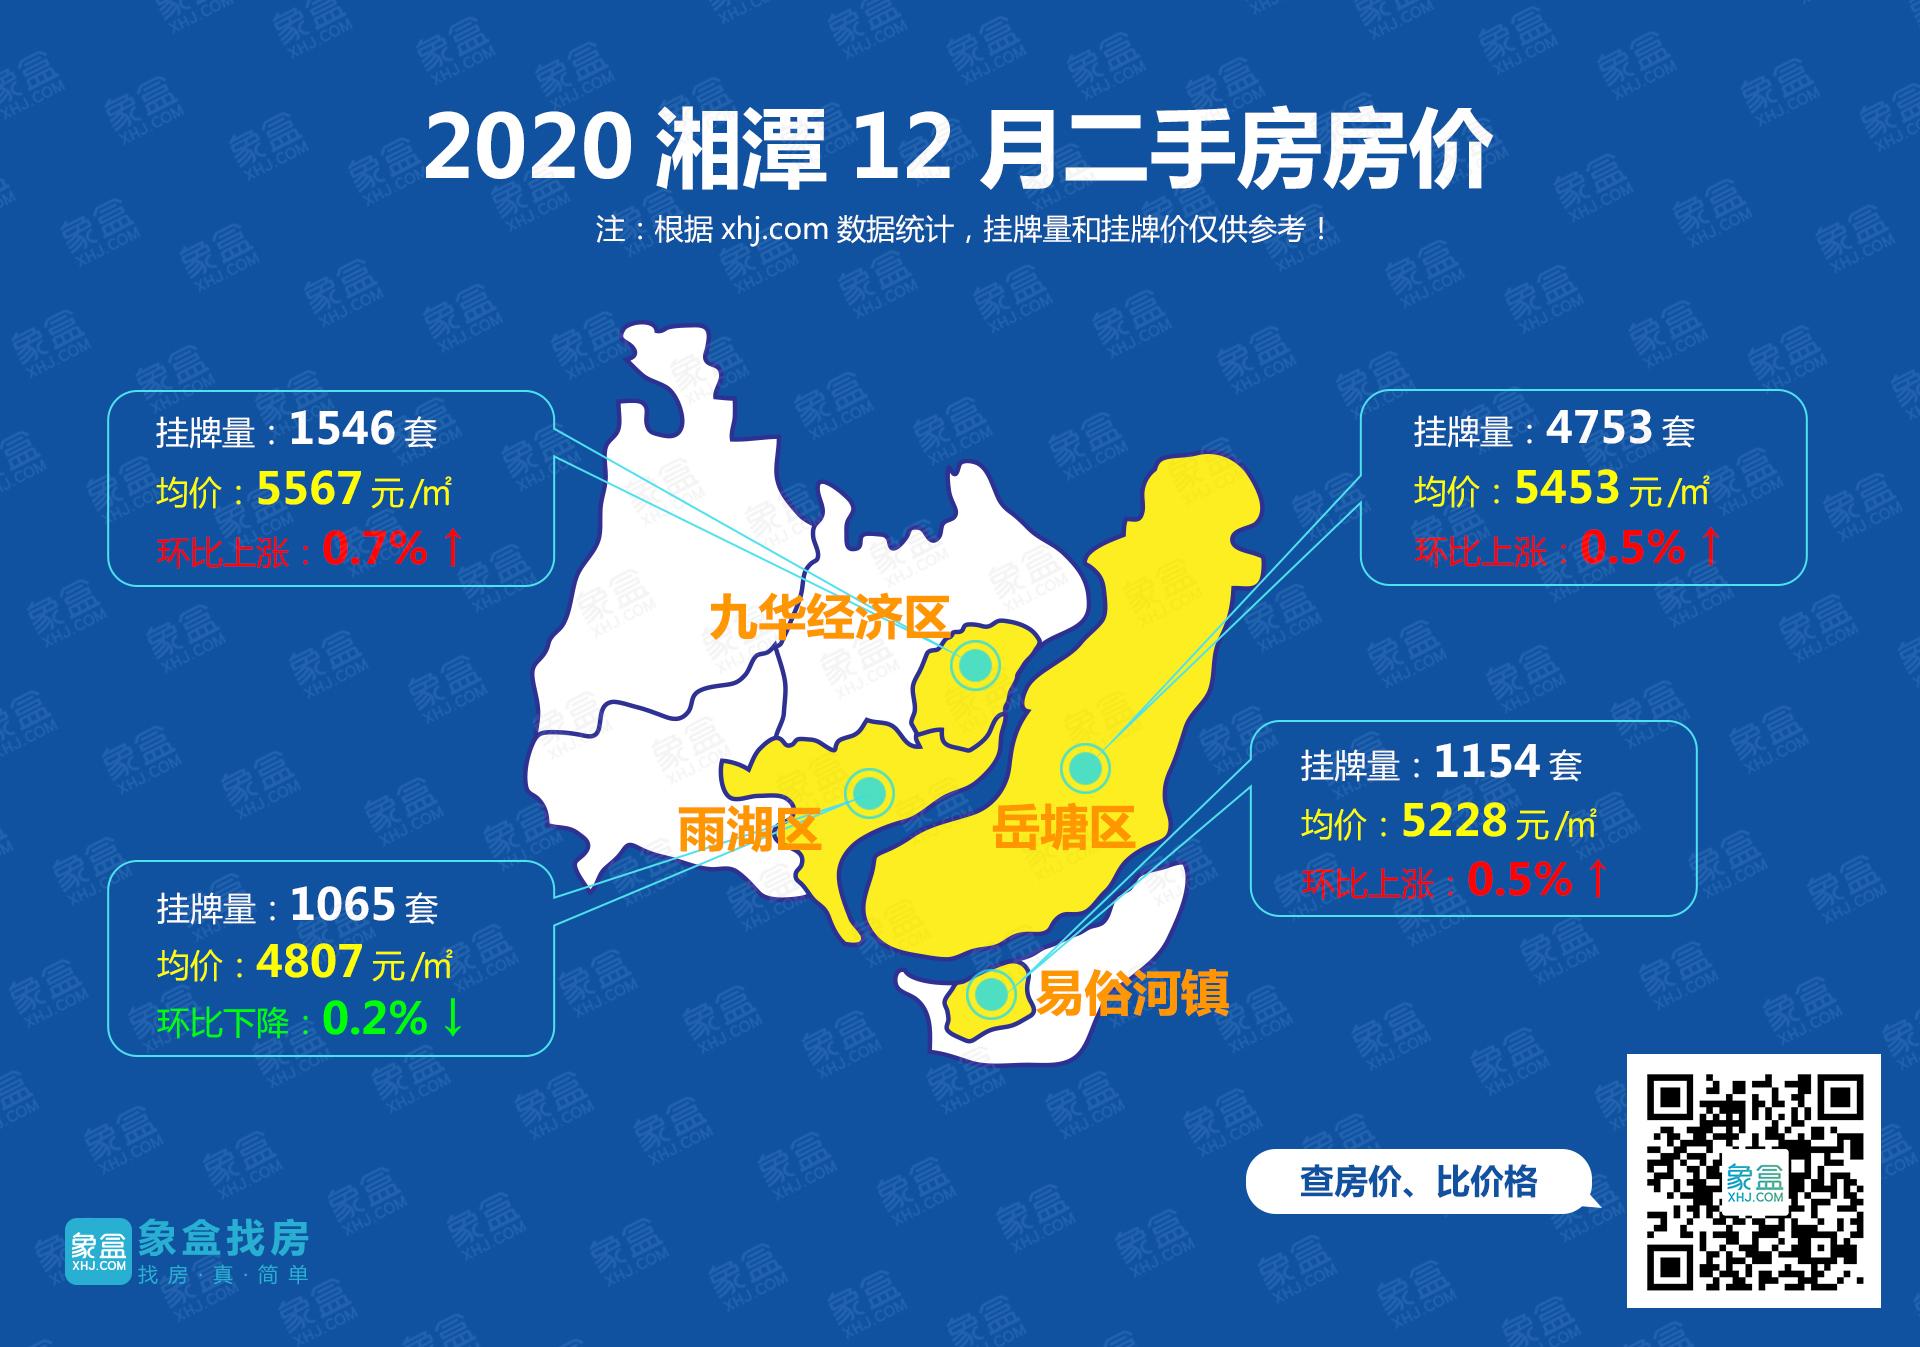 湘潭十二月二手房市场:九华重展雄风,整体保持实力,局面向好